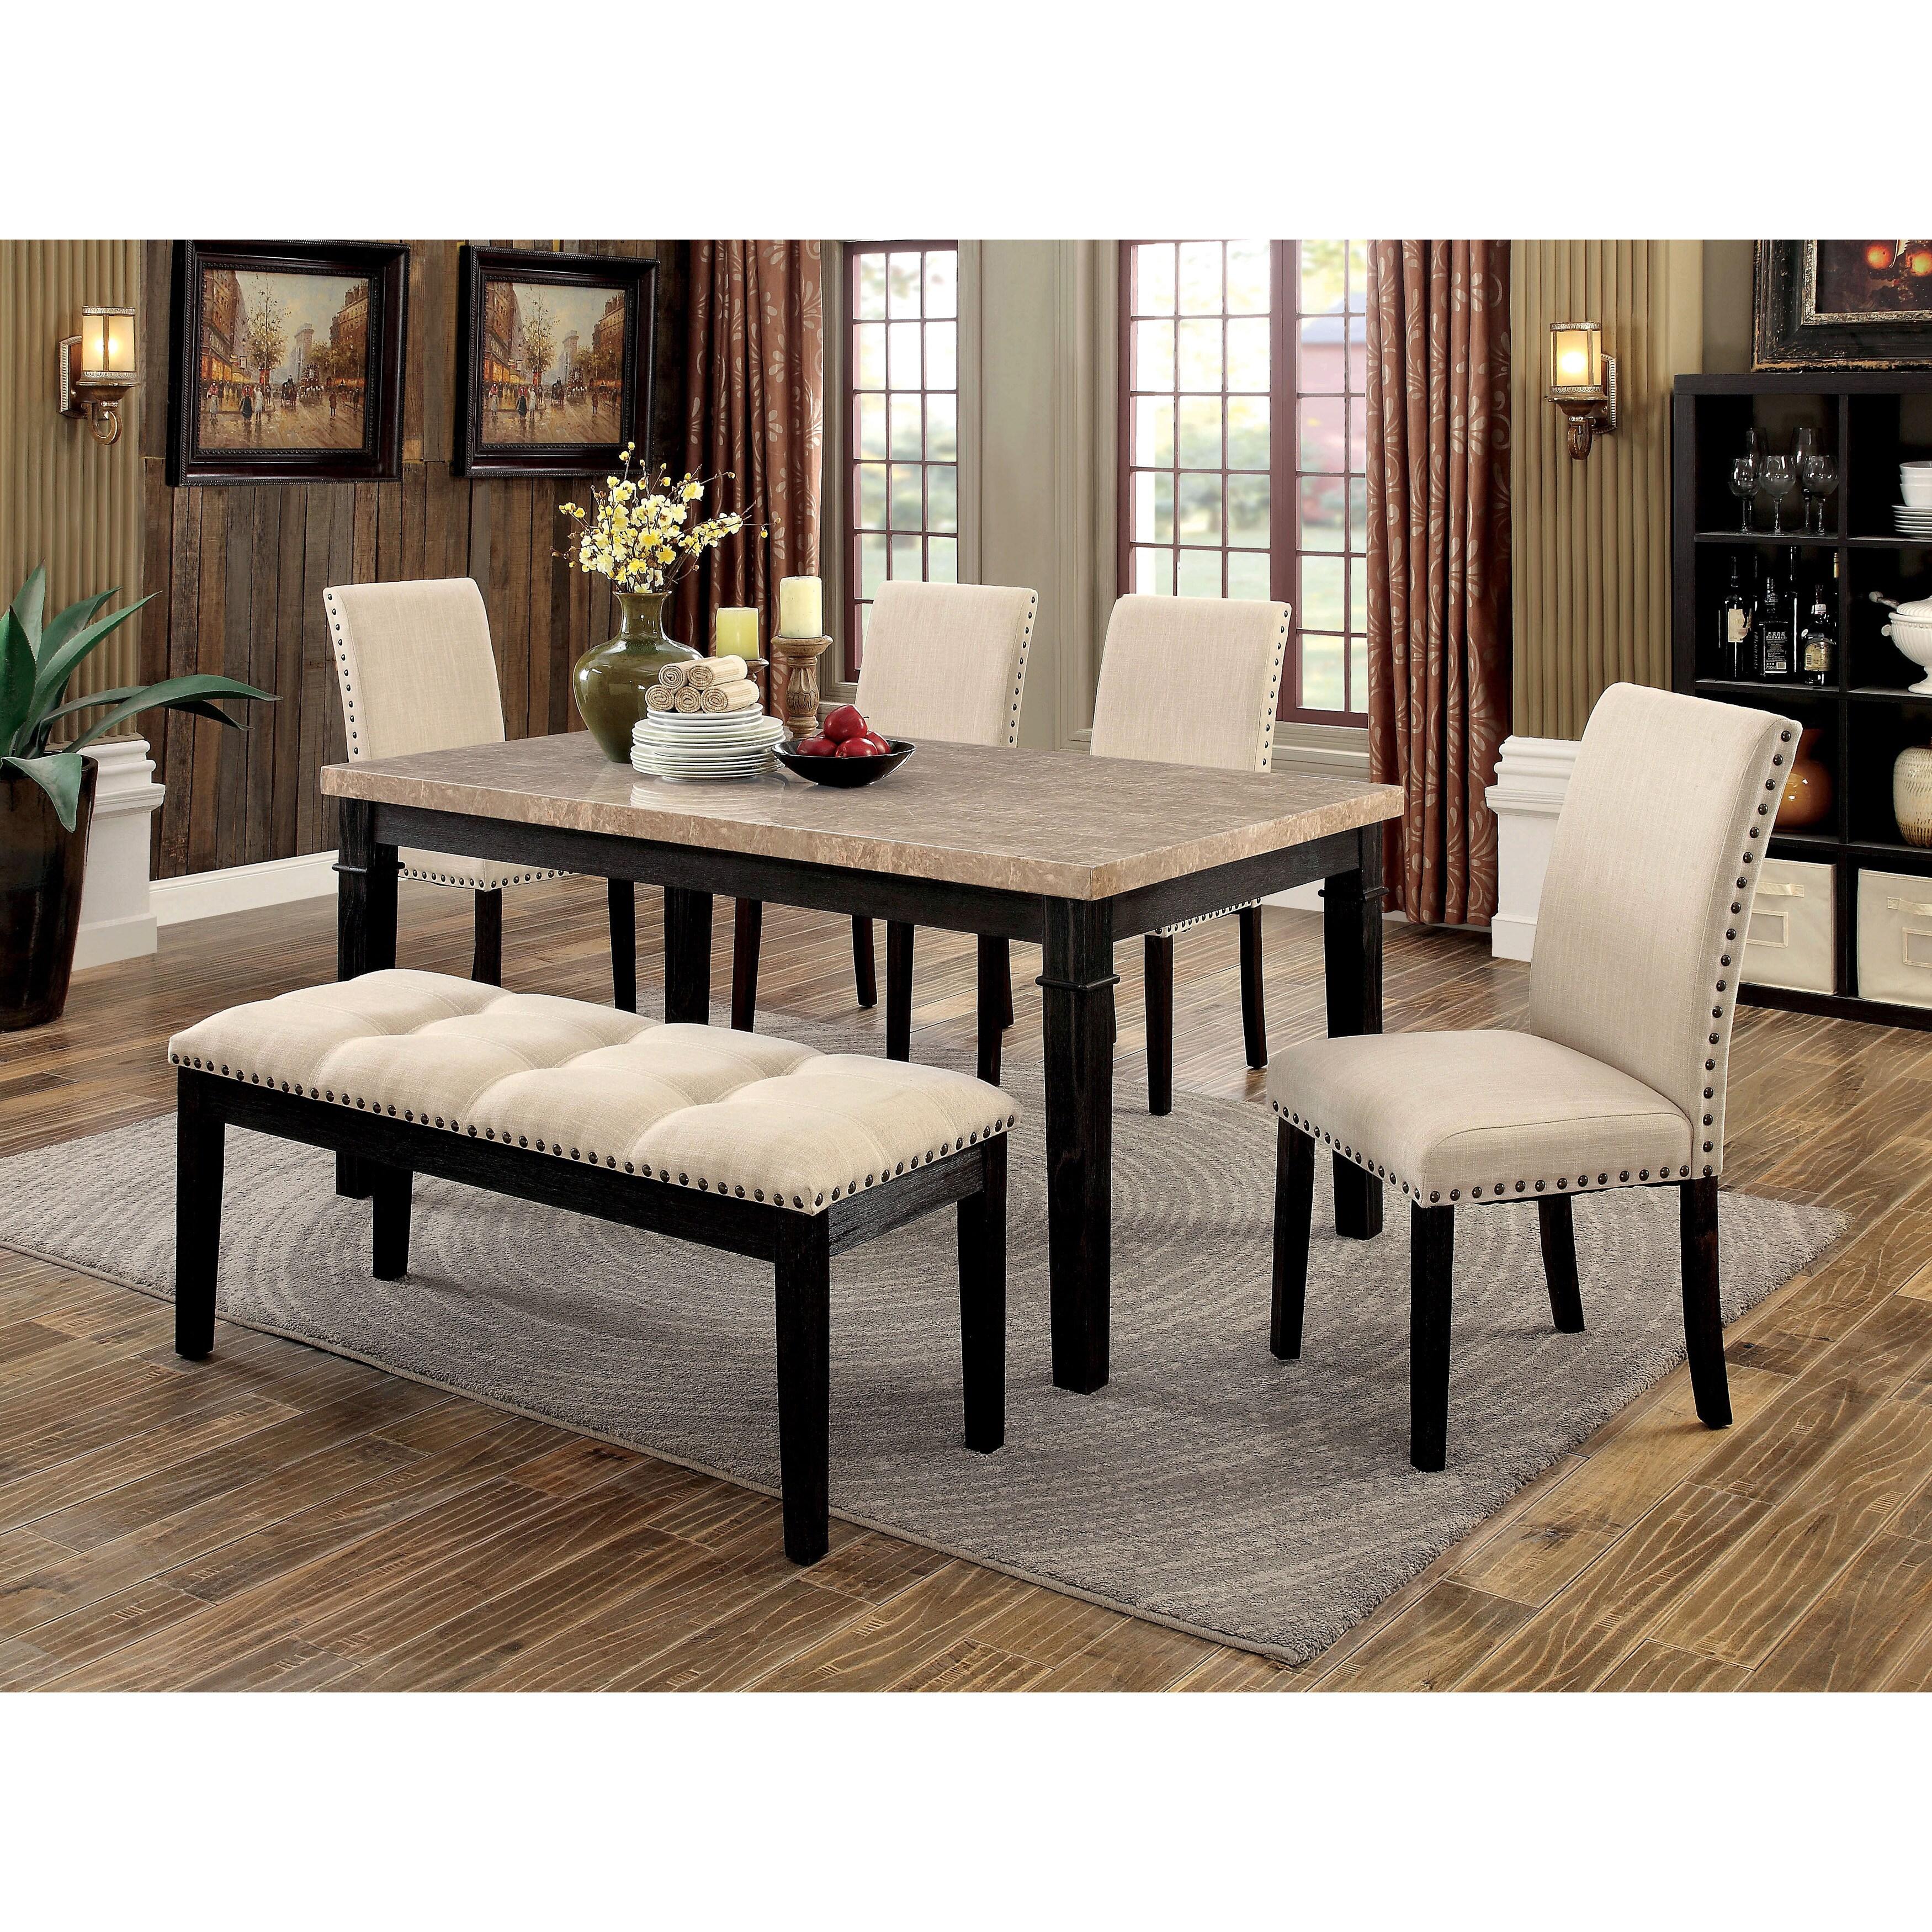 Furniture of America Denilia Contemporary Faux Marble